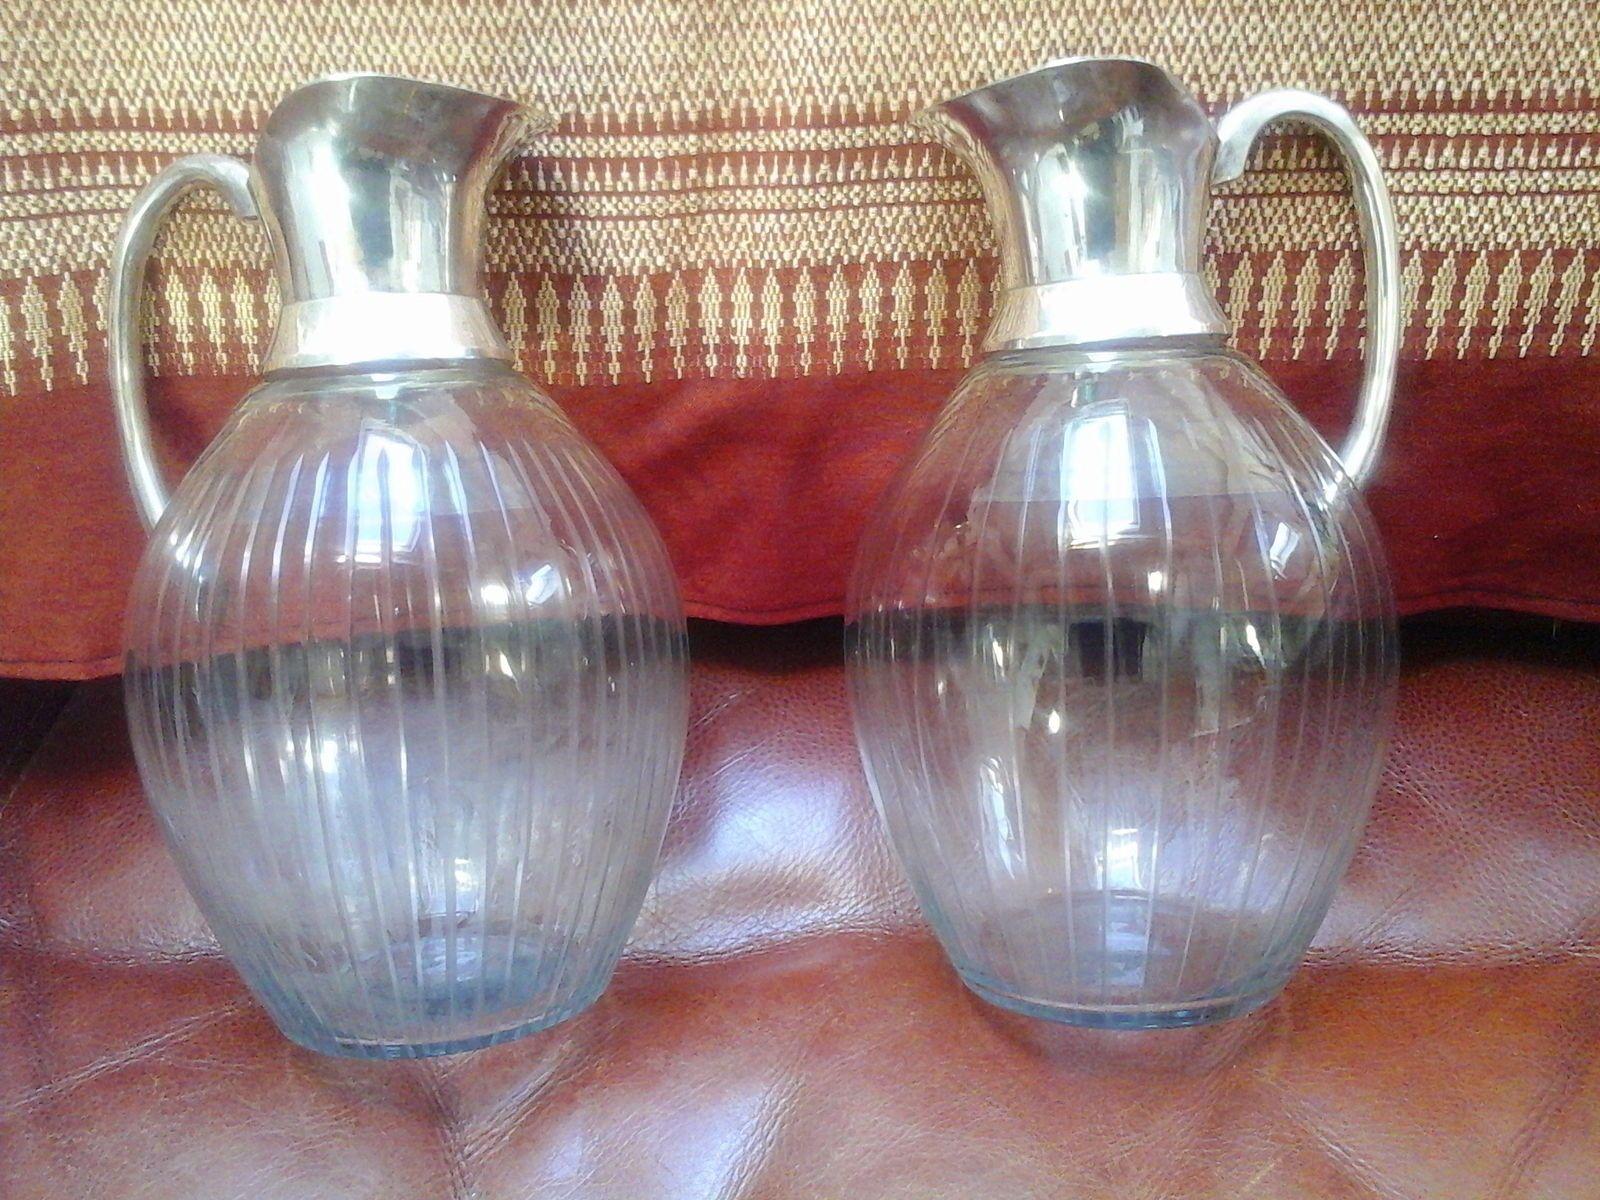 2anciens brocs à eau en verre soufflé et monture métal argenté